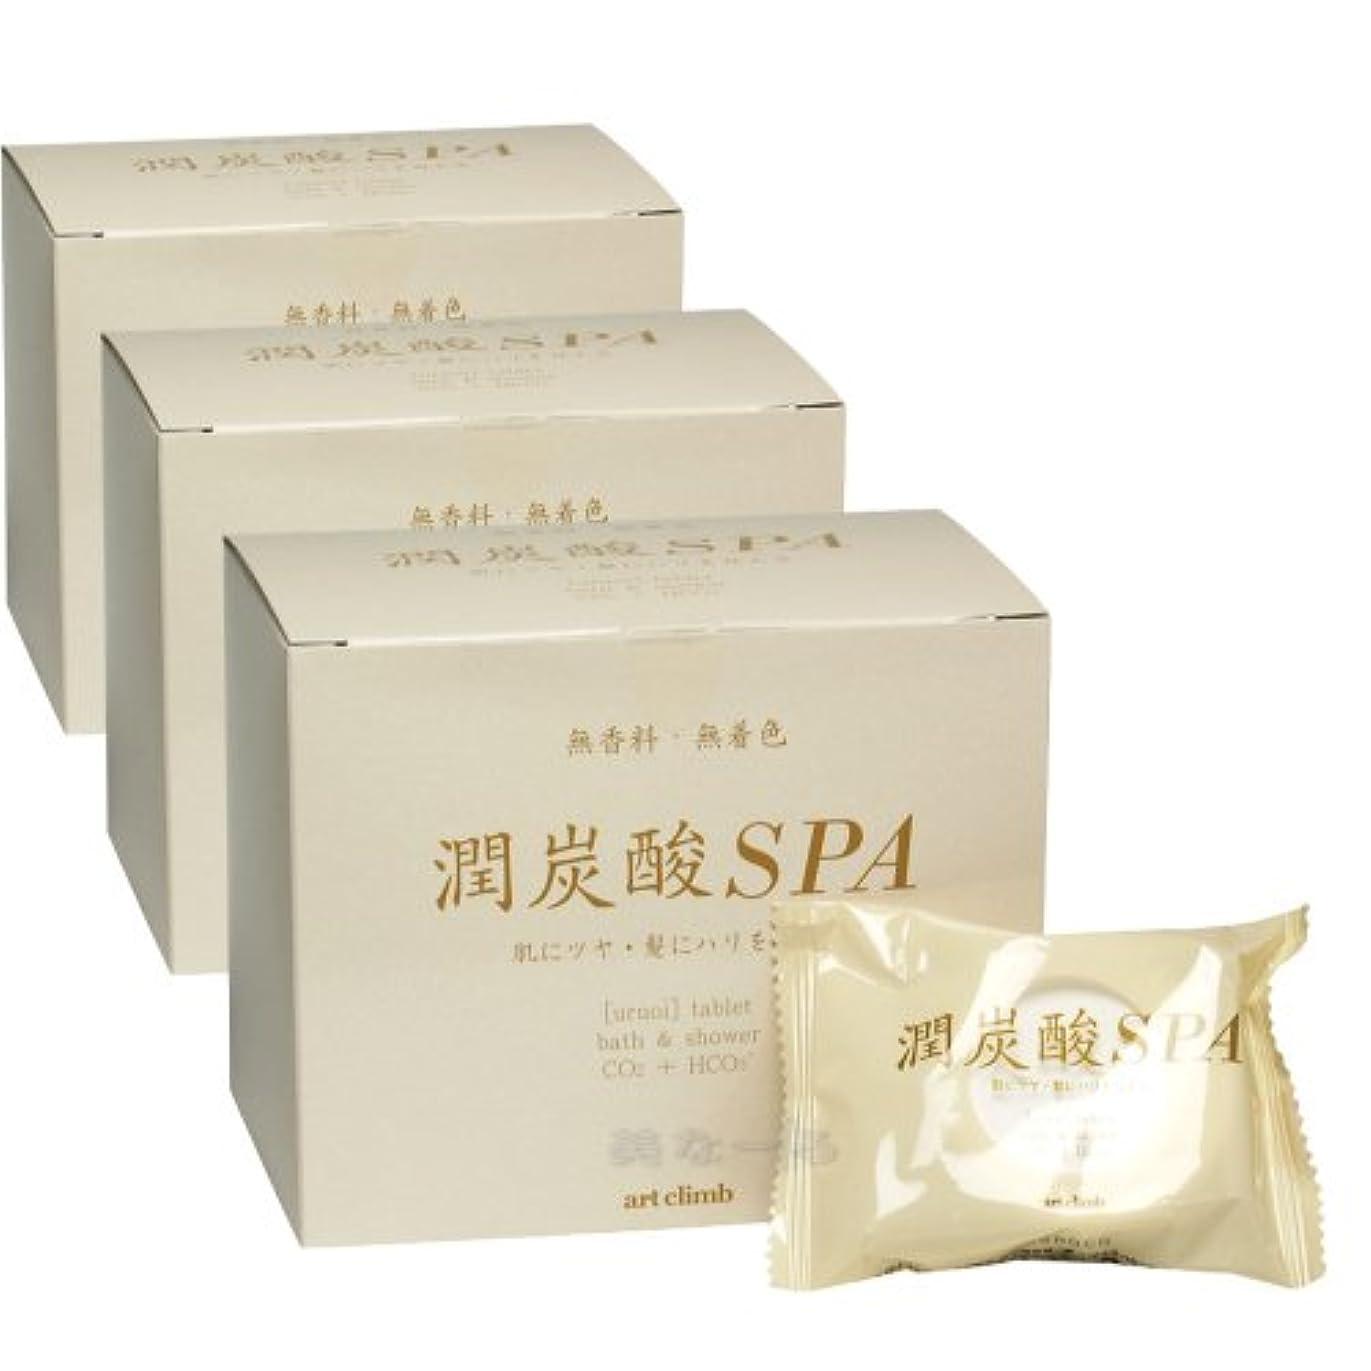 土地硫黄セブン潤炭酸SPA(うるおい炭酸SPA) 60g×10錠入 3個セット